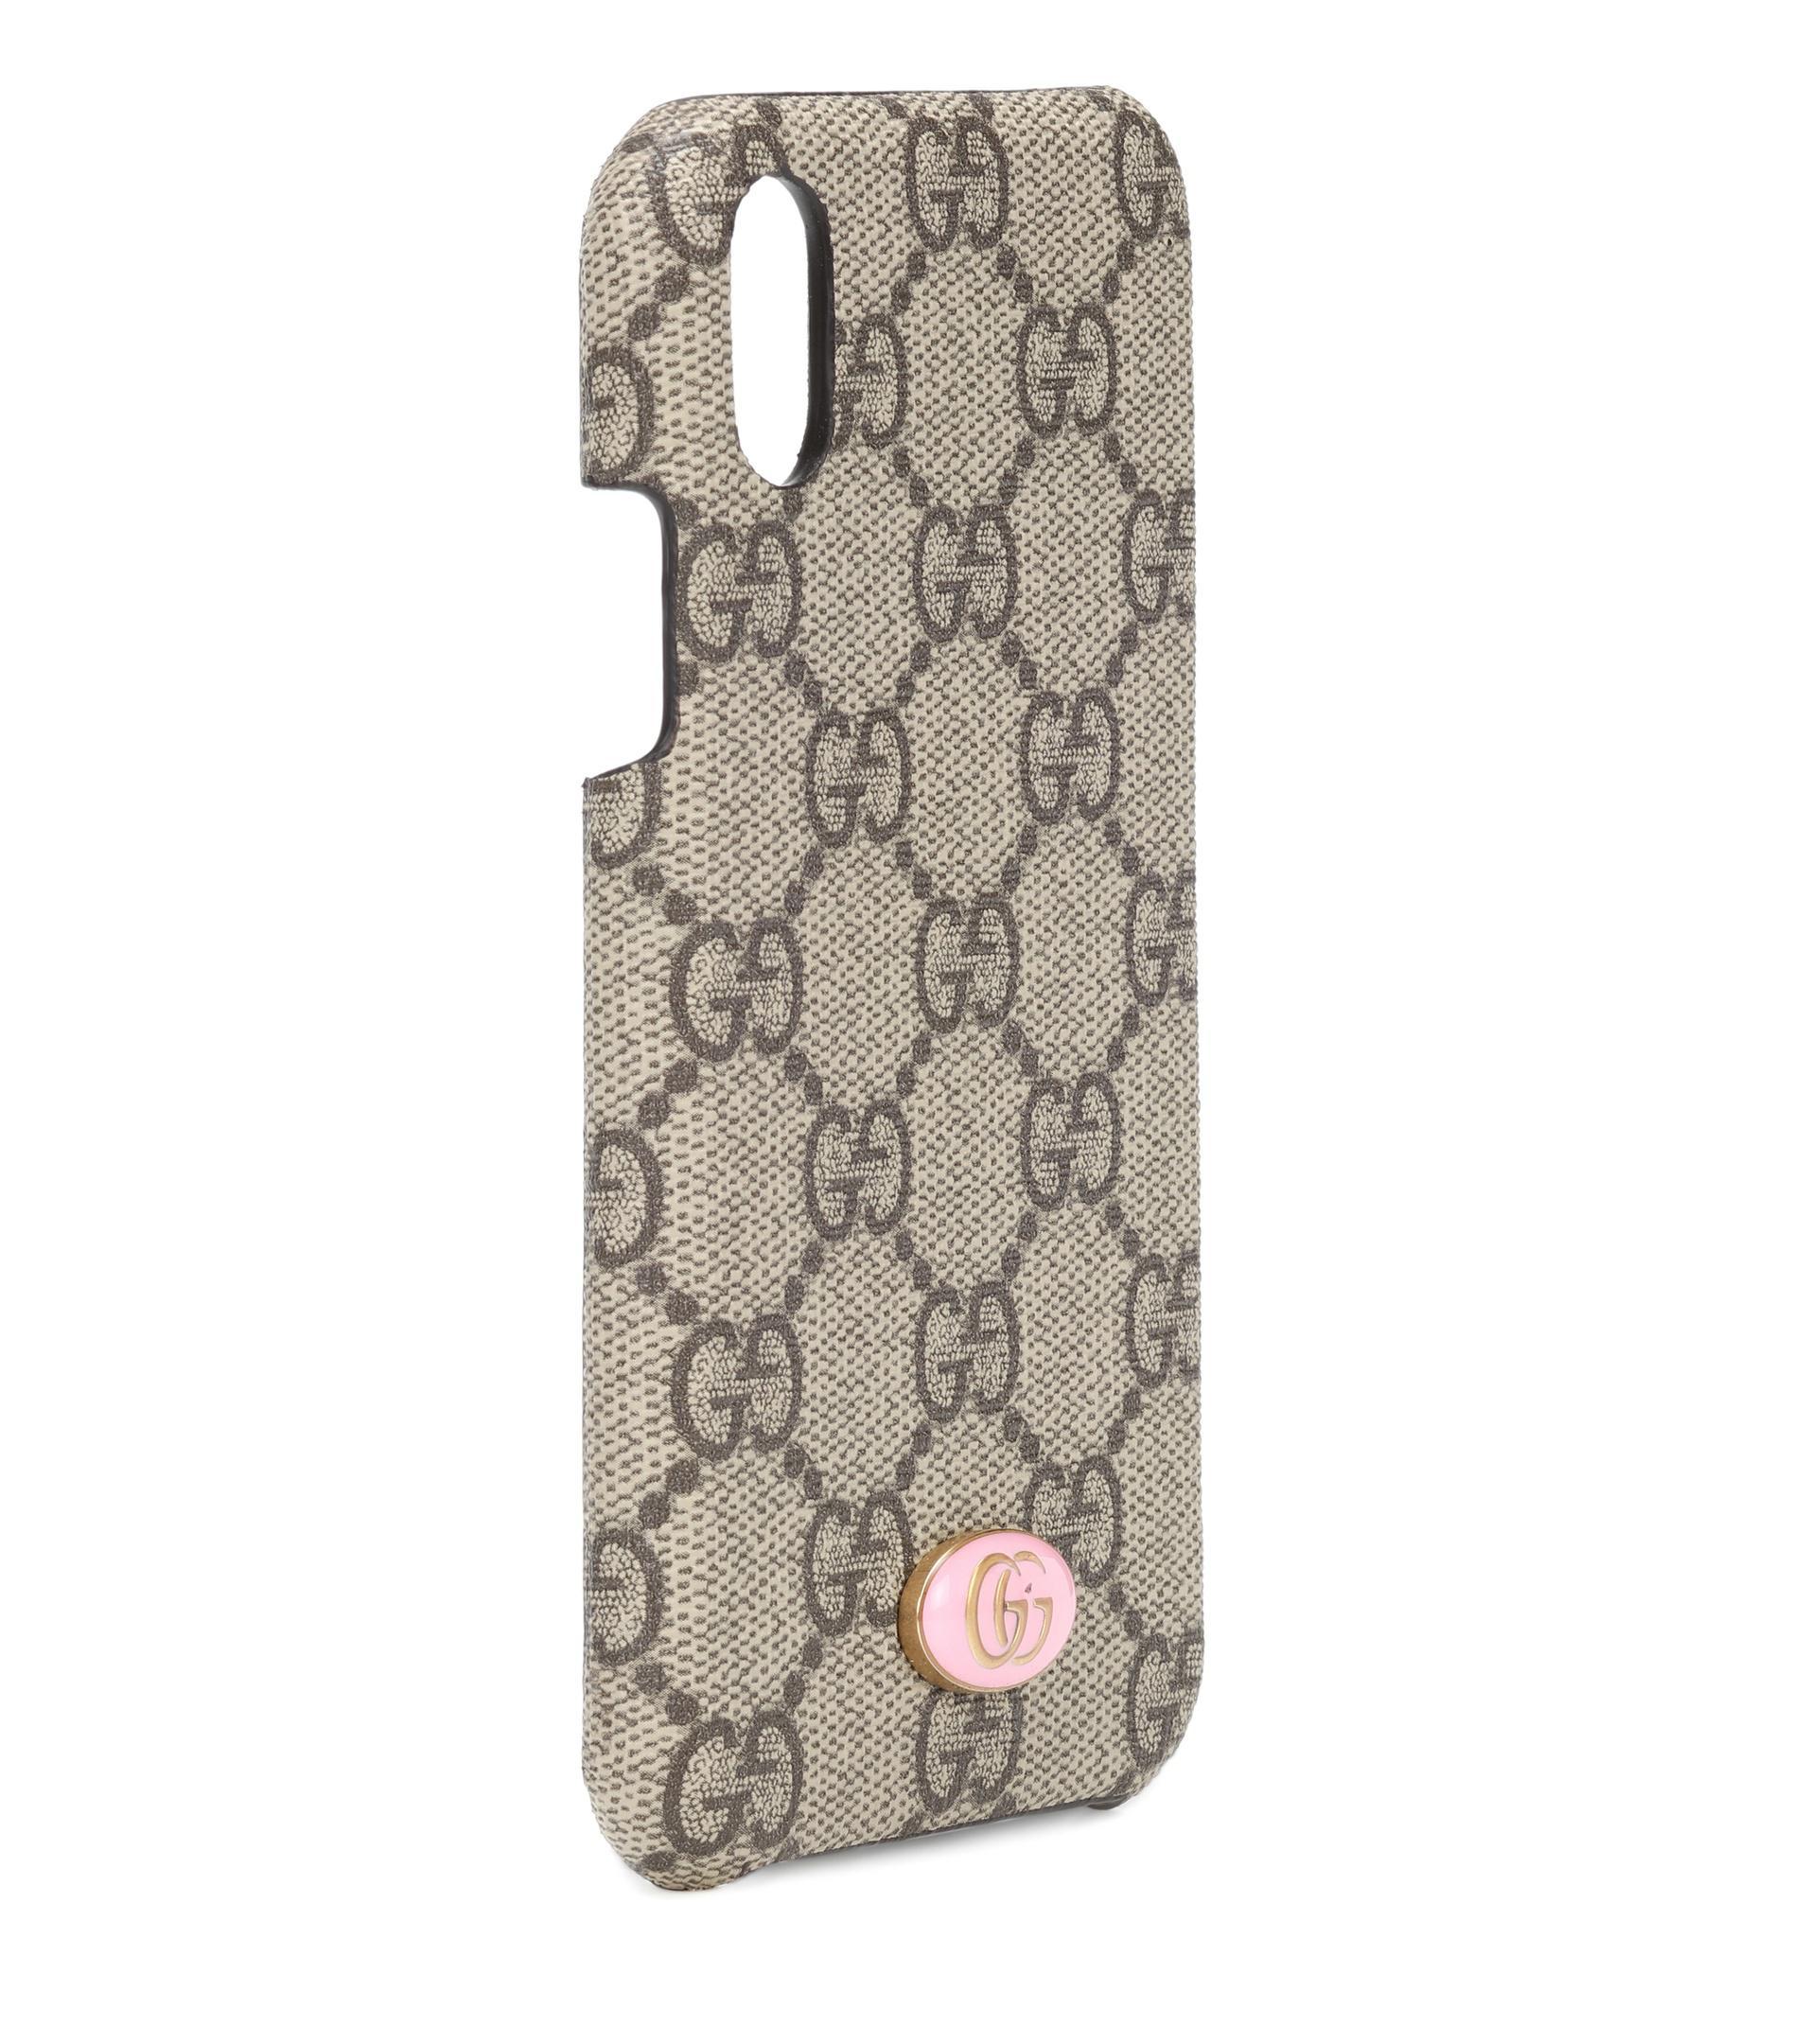 3de2c84cdafe Gucci Gg Iphone X Case in Natural - Lyst